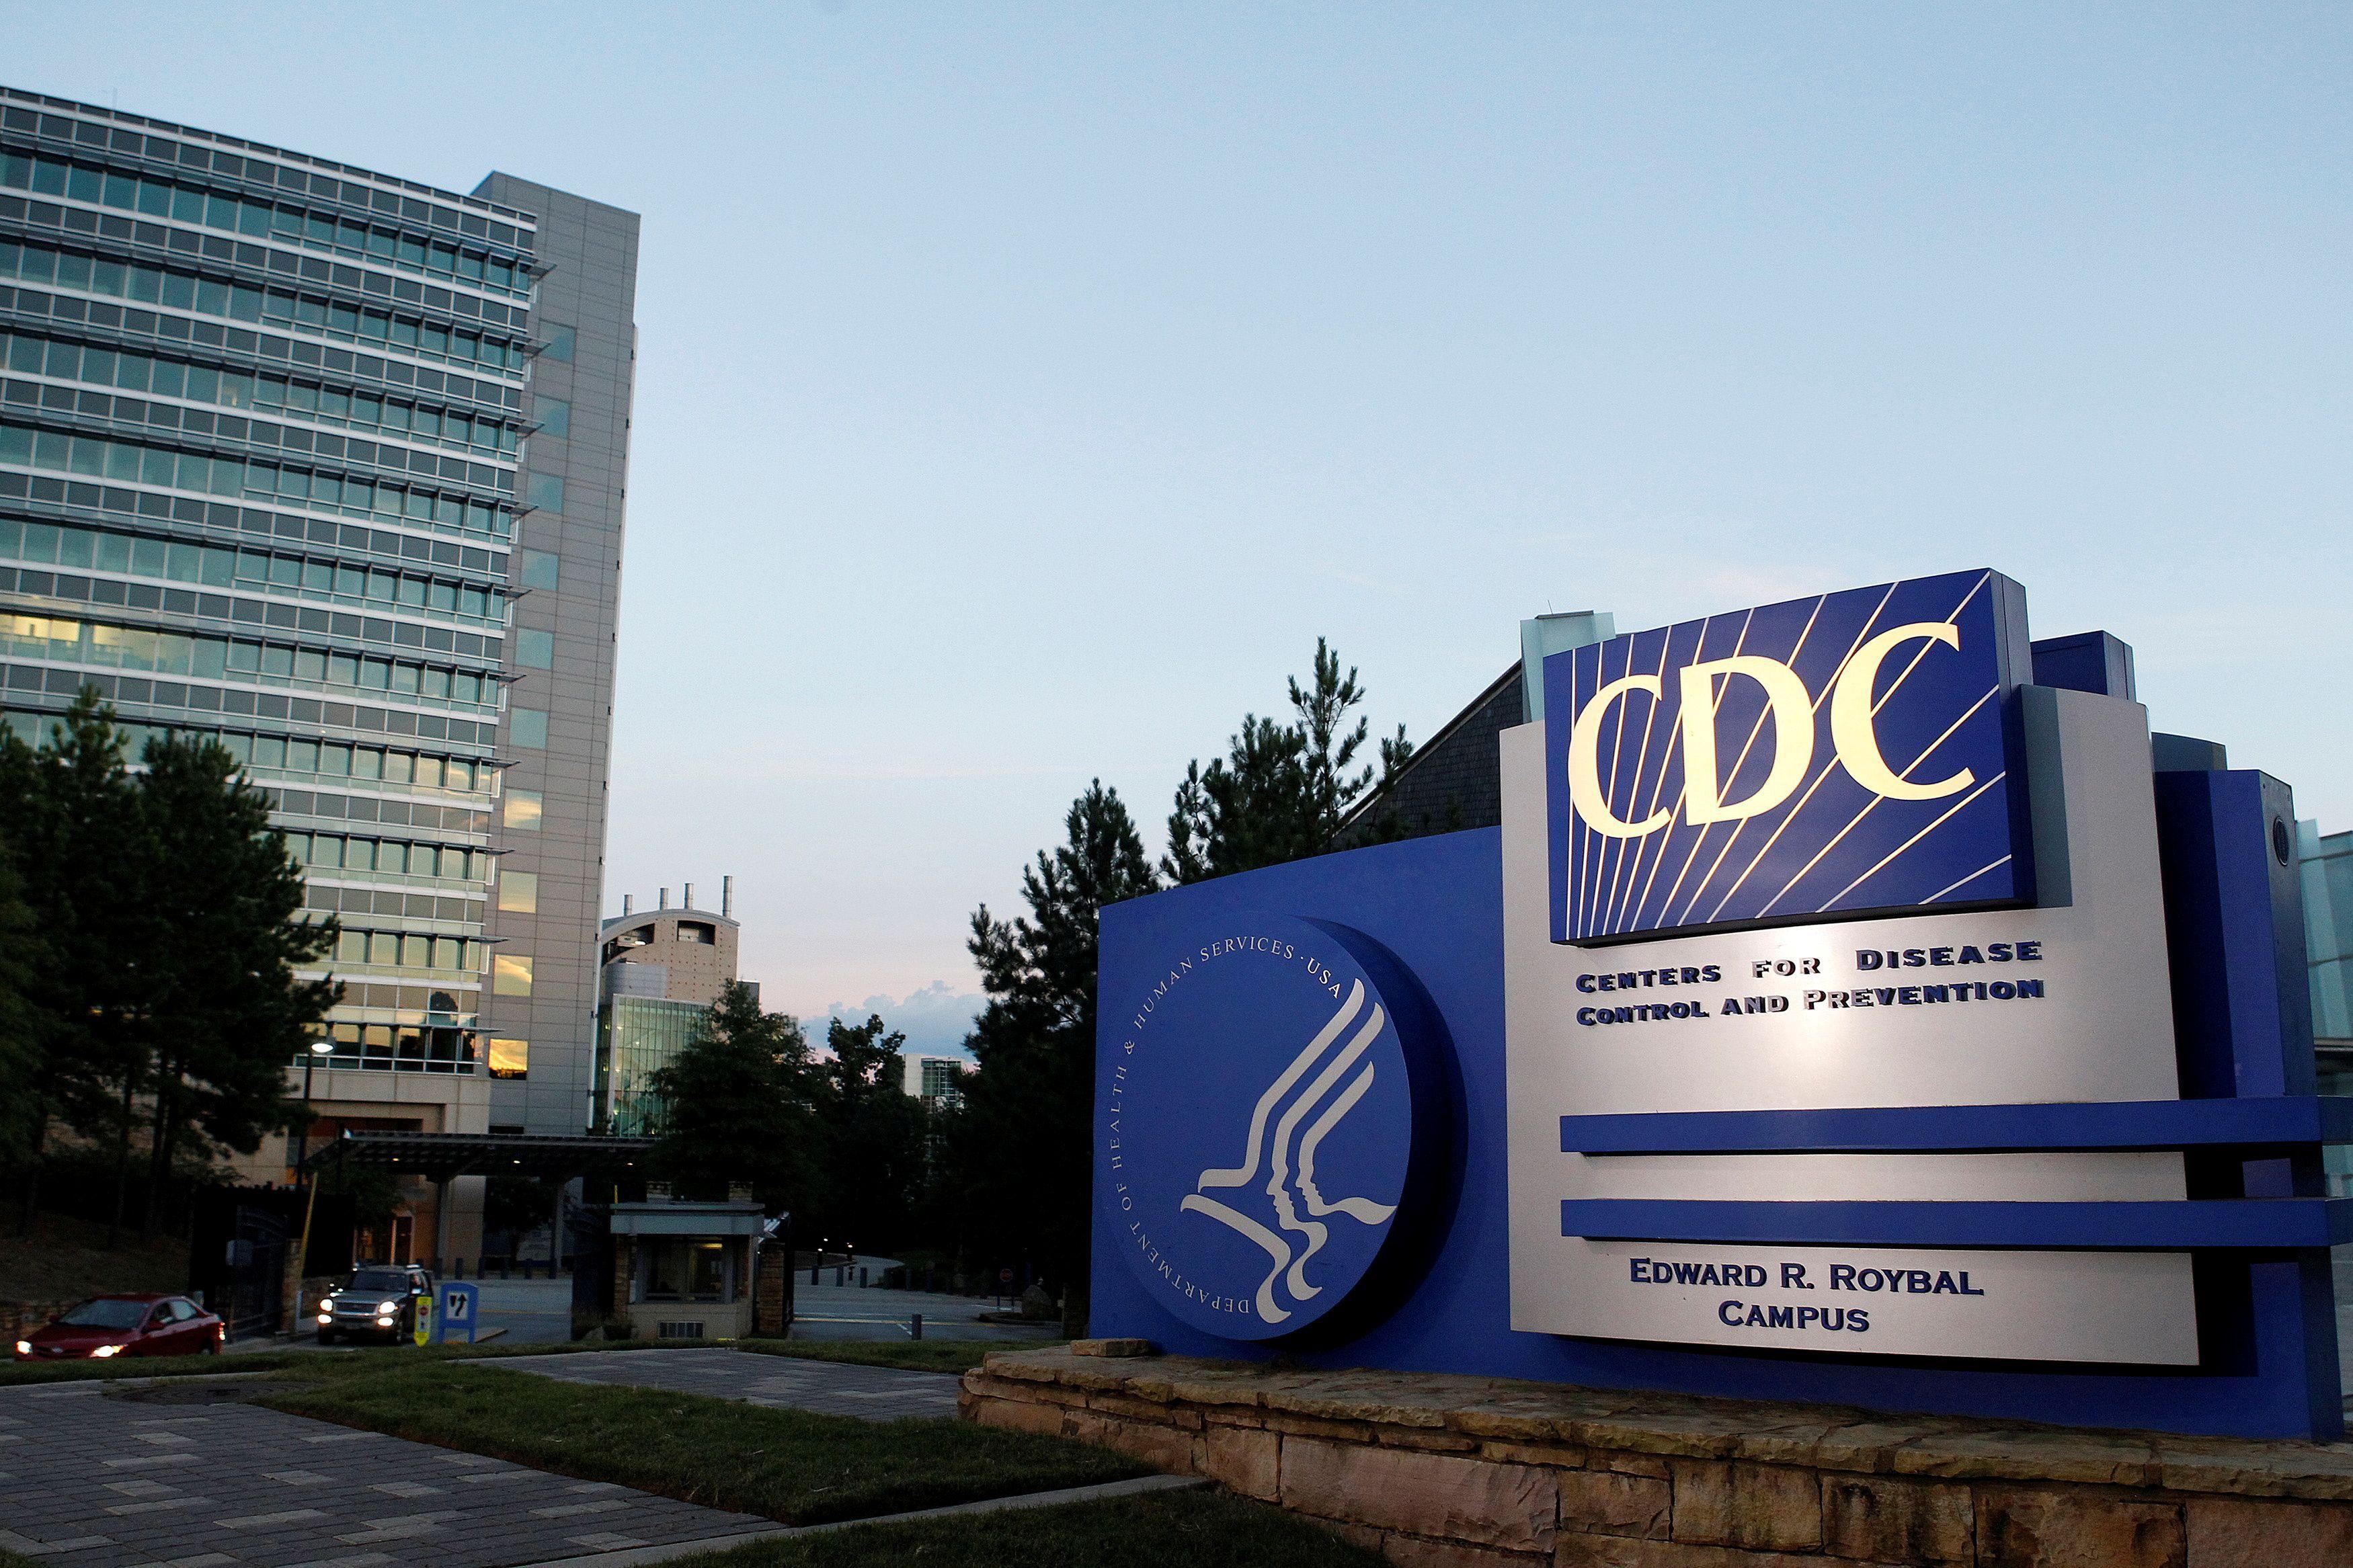 En los CDC se analizaron datos y se encontró que las personas ya vacunadas se pueden contagiar y pueden transmitir la variante Delta más de lo que se pensaba anteriormente (REUTERS/Tami Chappell/File Photo)